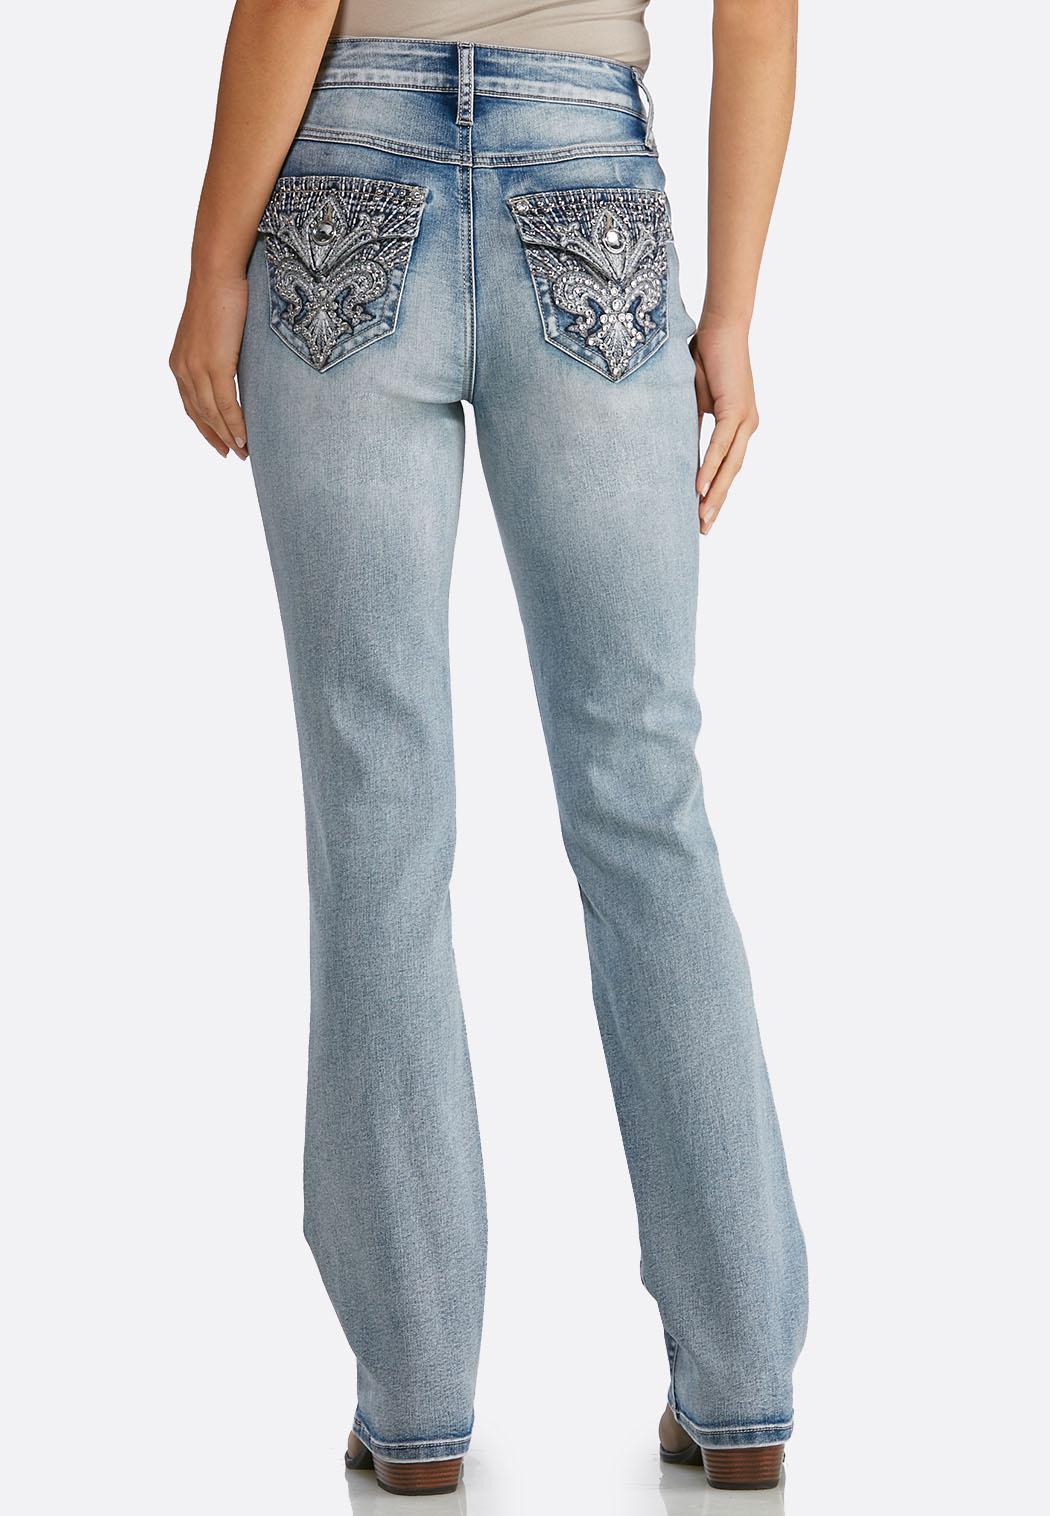 a947511c1df Fleur De Lis Pocket Jeans Bootcut Cato Fashions